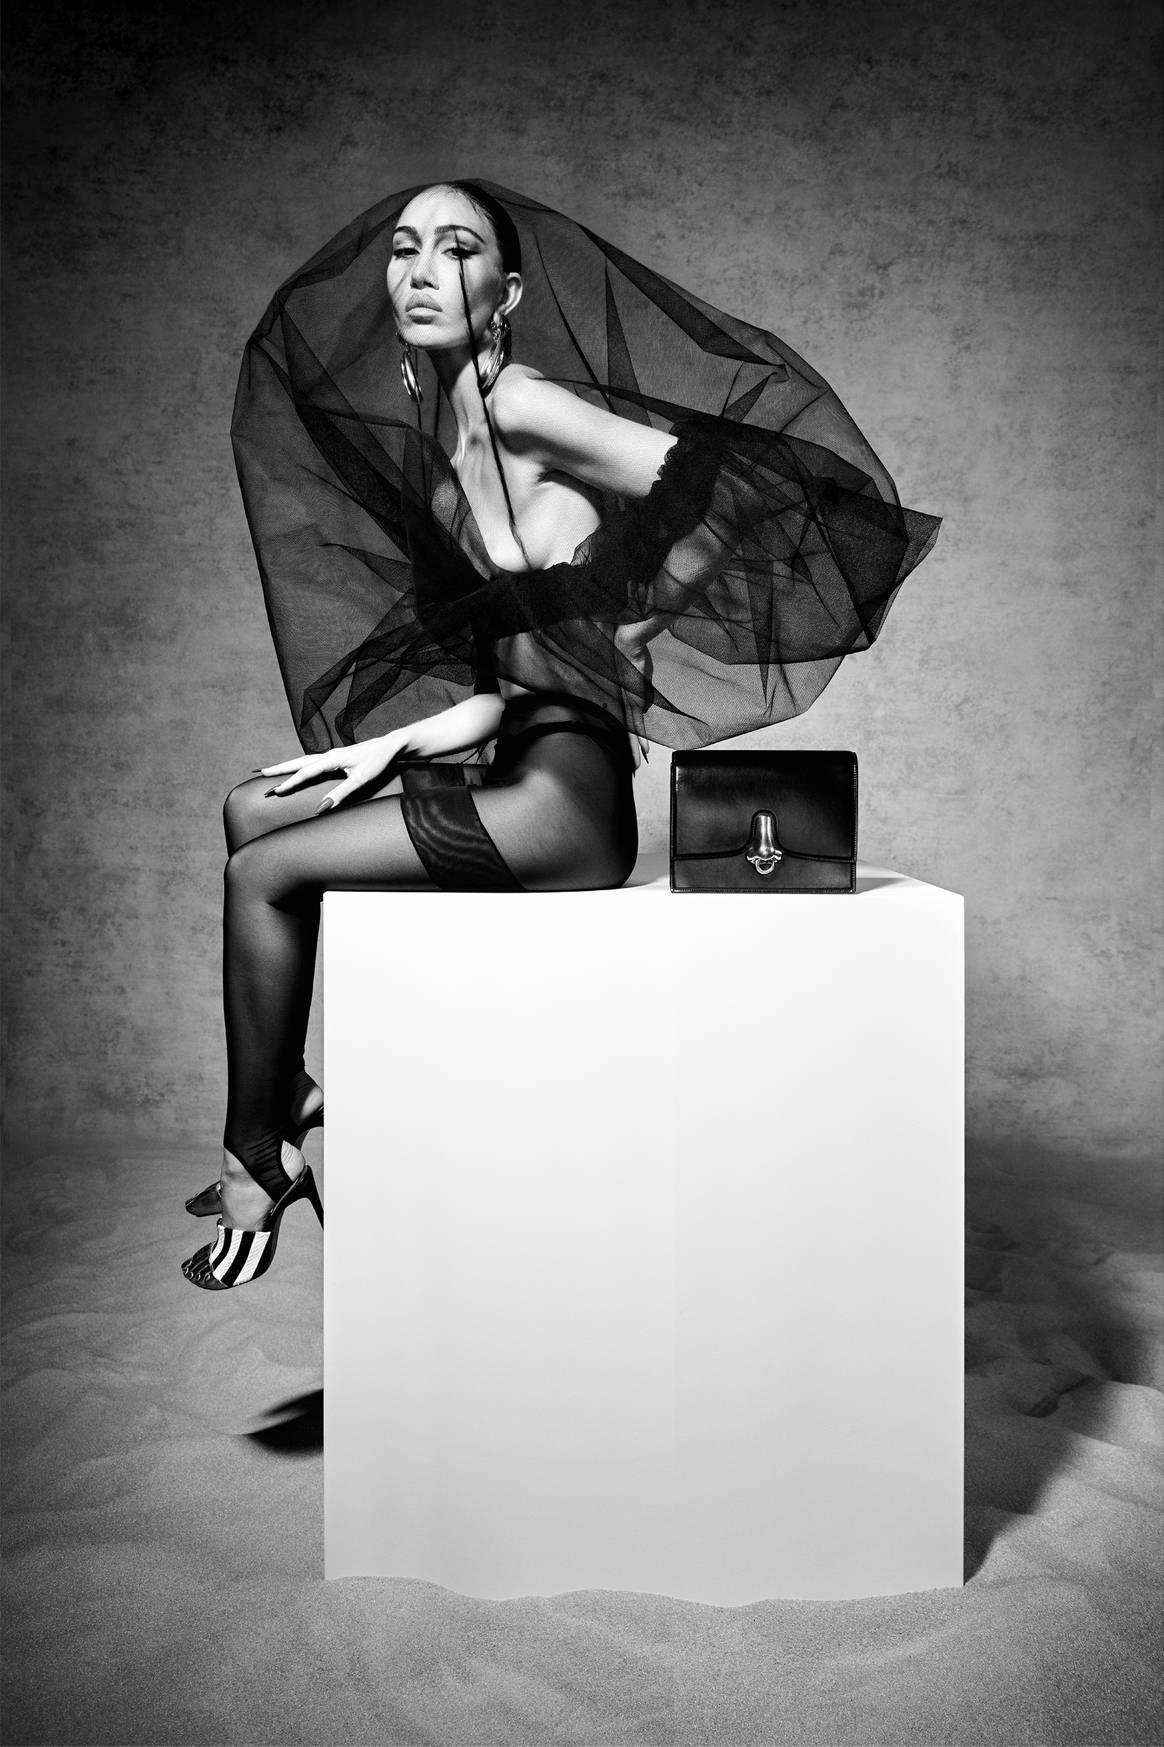 Image: Schiaparelli